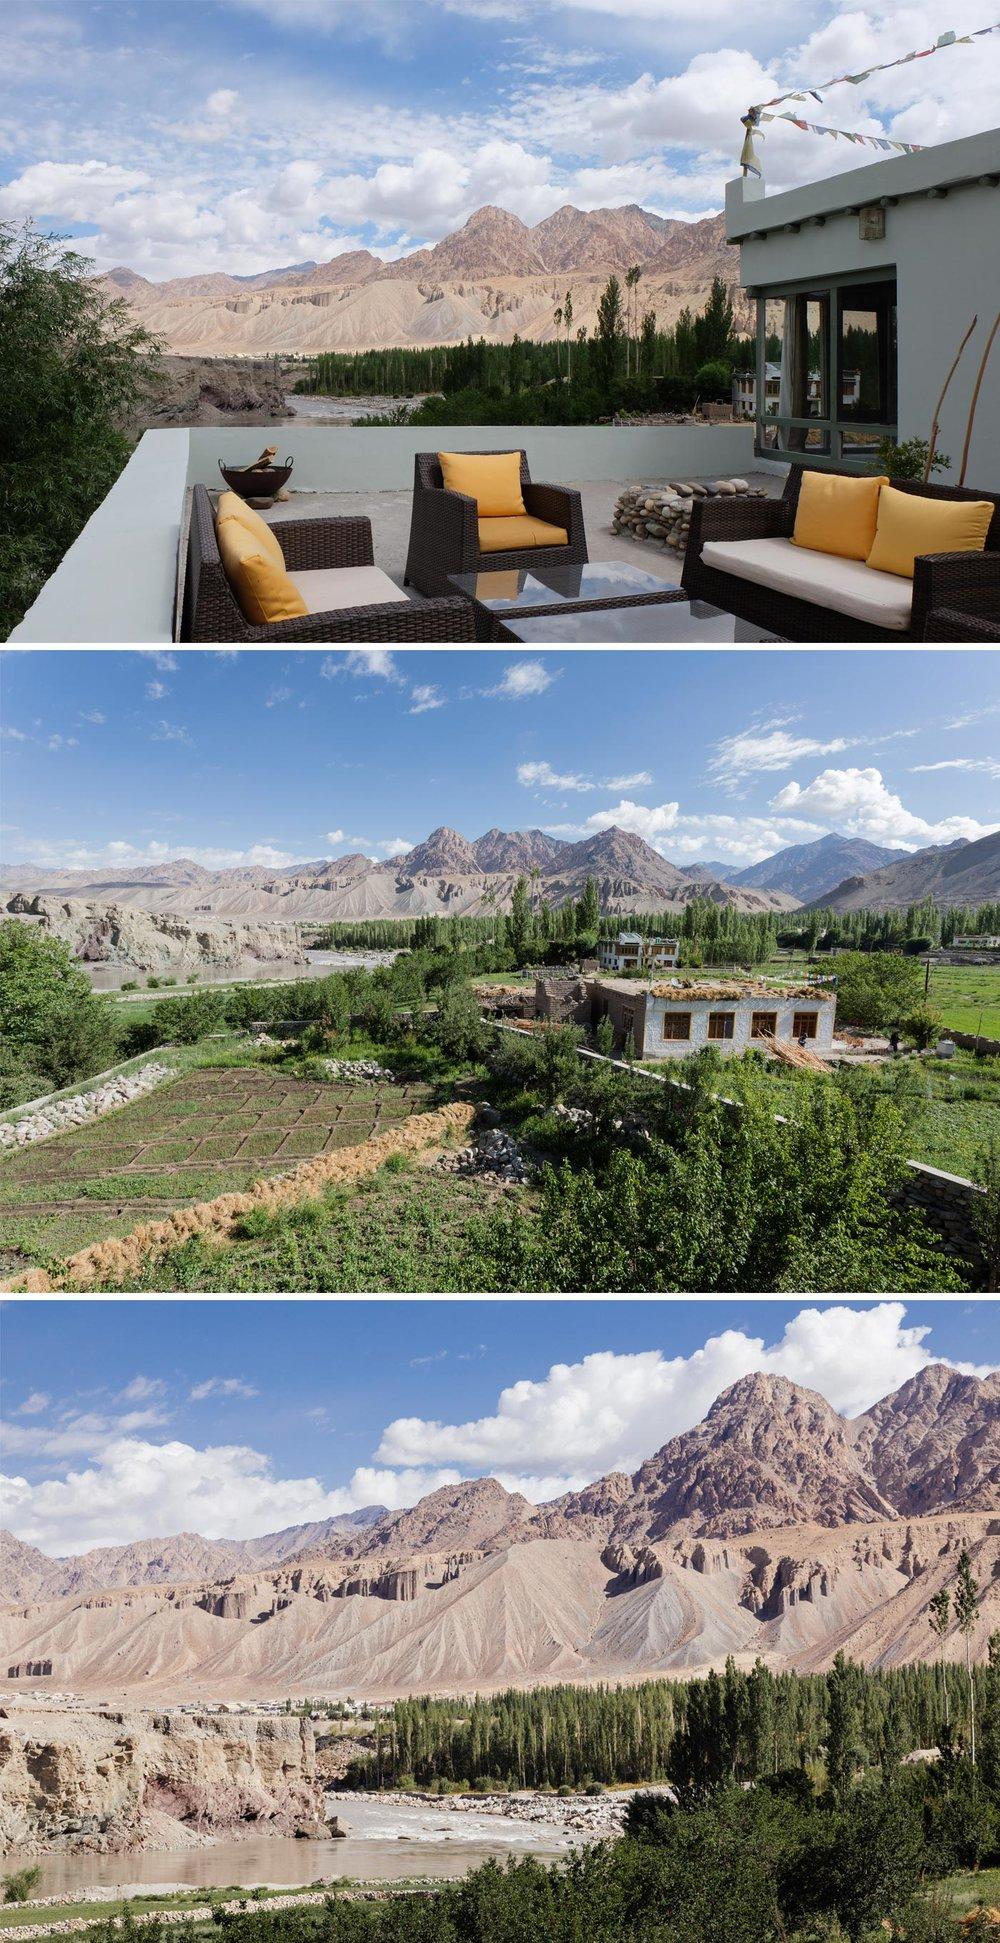 07_5376_ladakh6404_ladakh6407.jpg